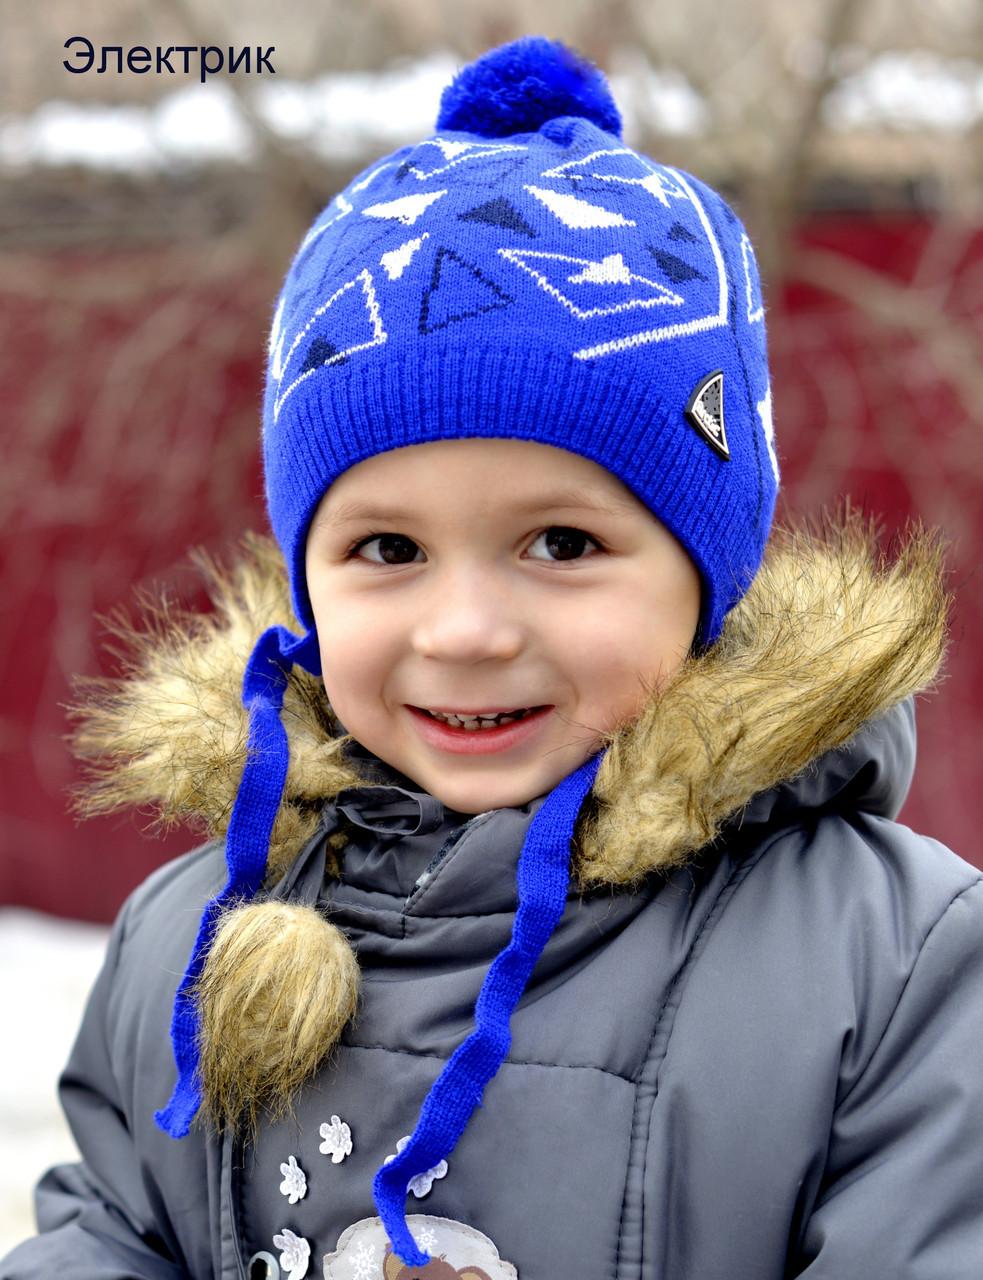 Шапка дитяча подвійний Трикутник р. 52 (2-4 роки) на зав'язках/без шарфа колір електрик